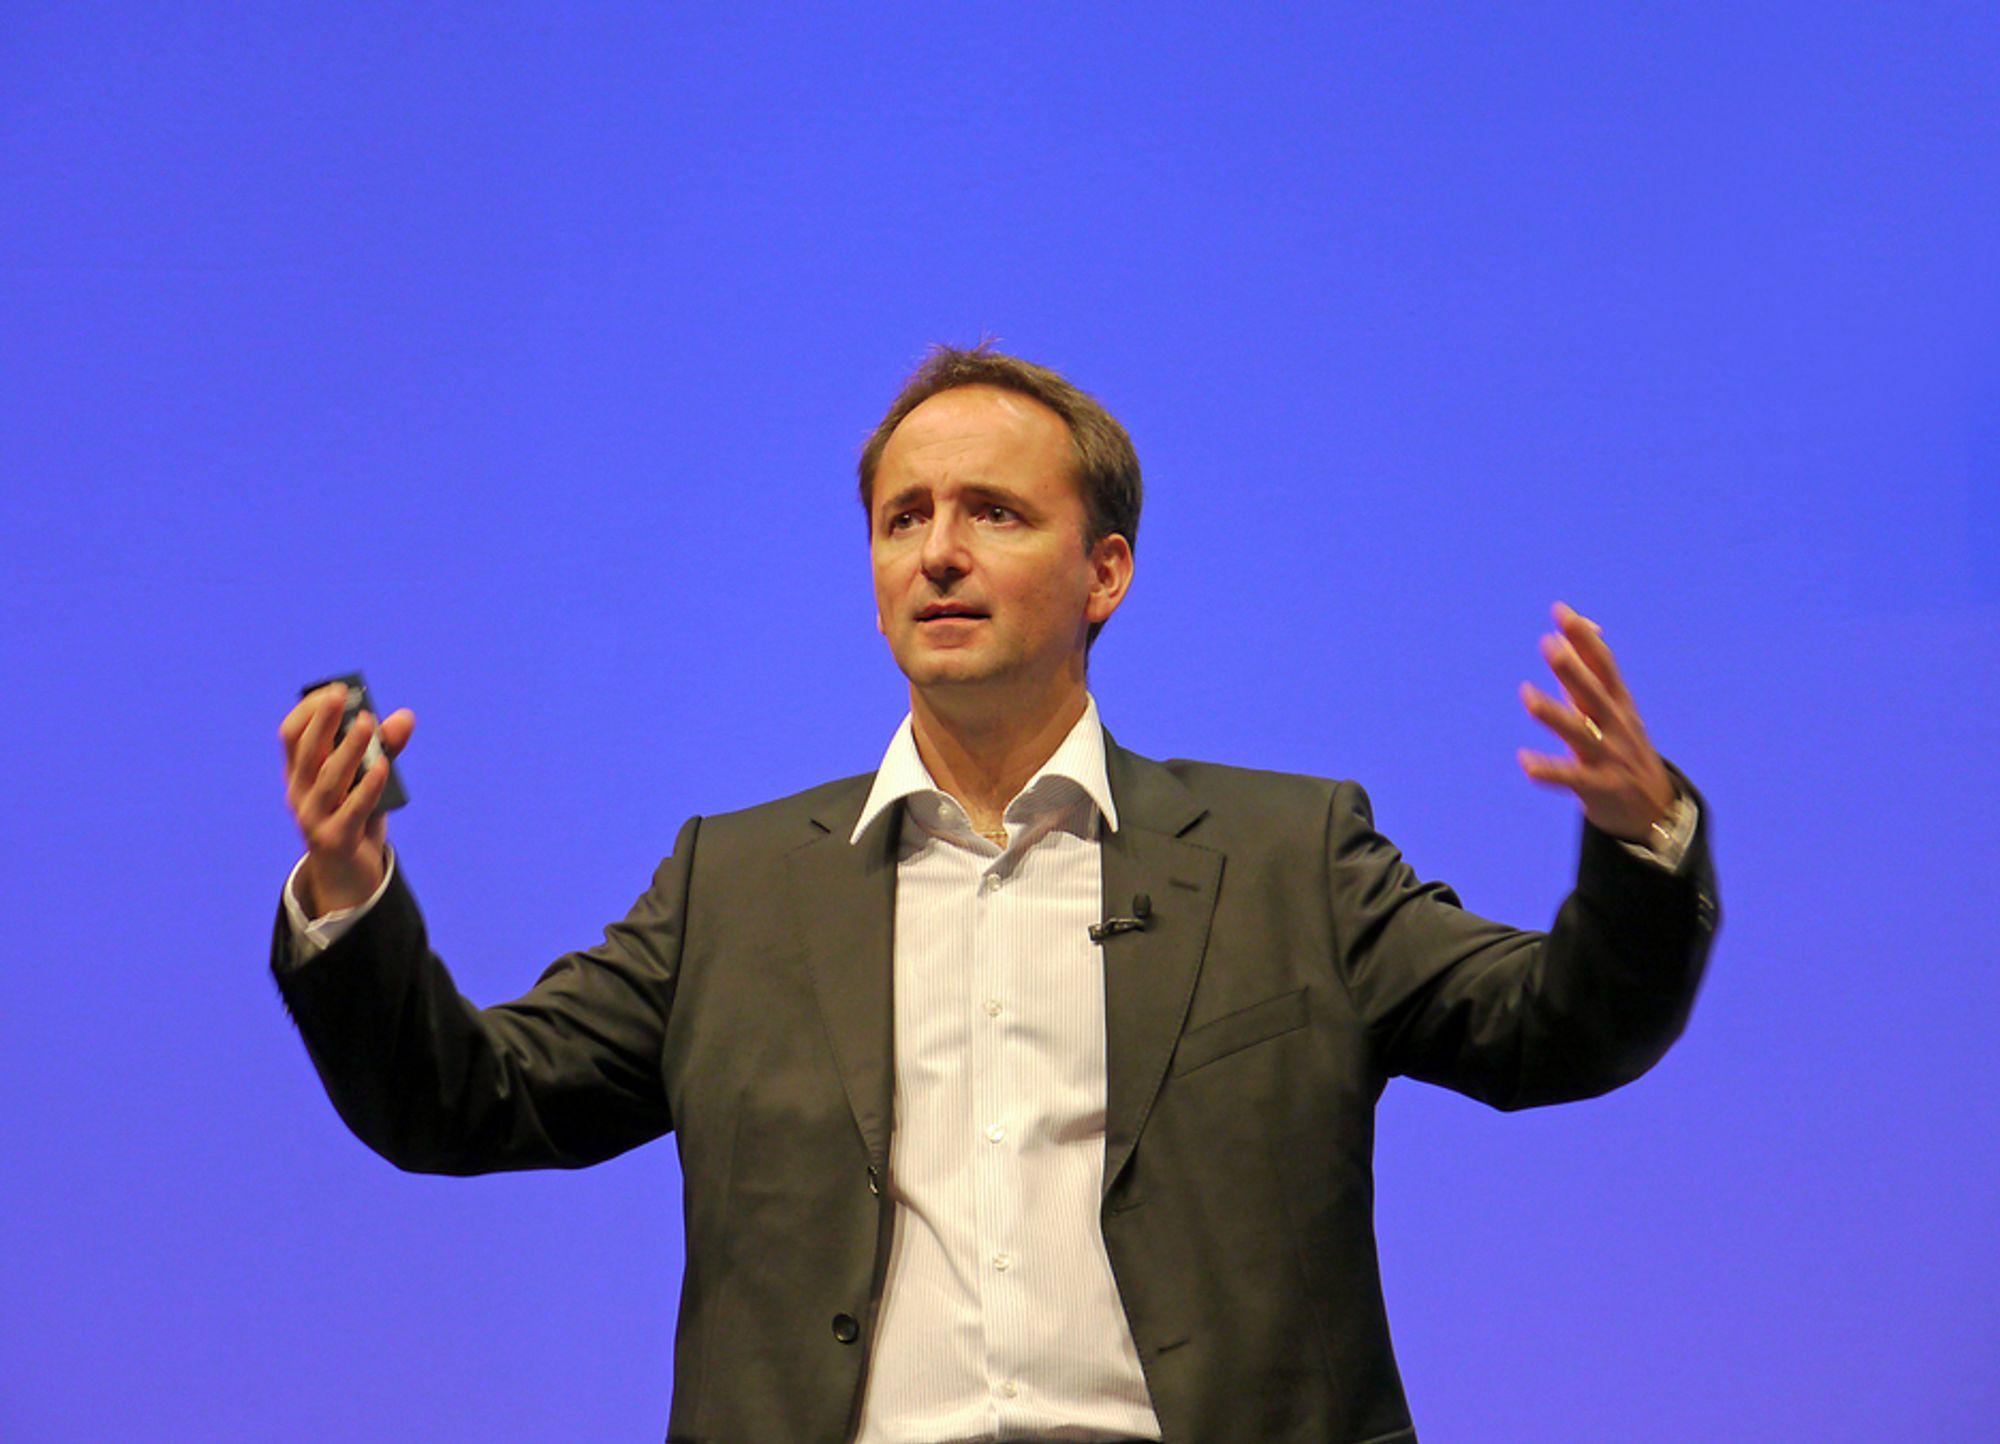 RASKERE:Danske Jim Hagemann Snabe, som sitter i SAPs ledergruppe og jobber med teknologiutvikling og teknologi lover veldig mye raskere forretingsapplikasjoner i fremtiden etterhvert som selskapet tar i bruk ny minneteknologi.